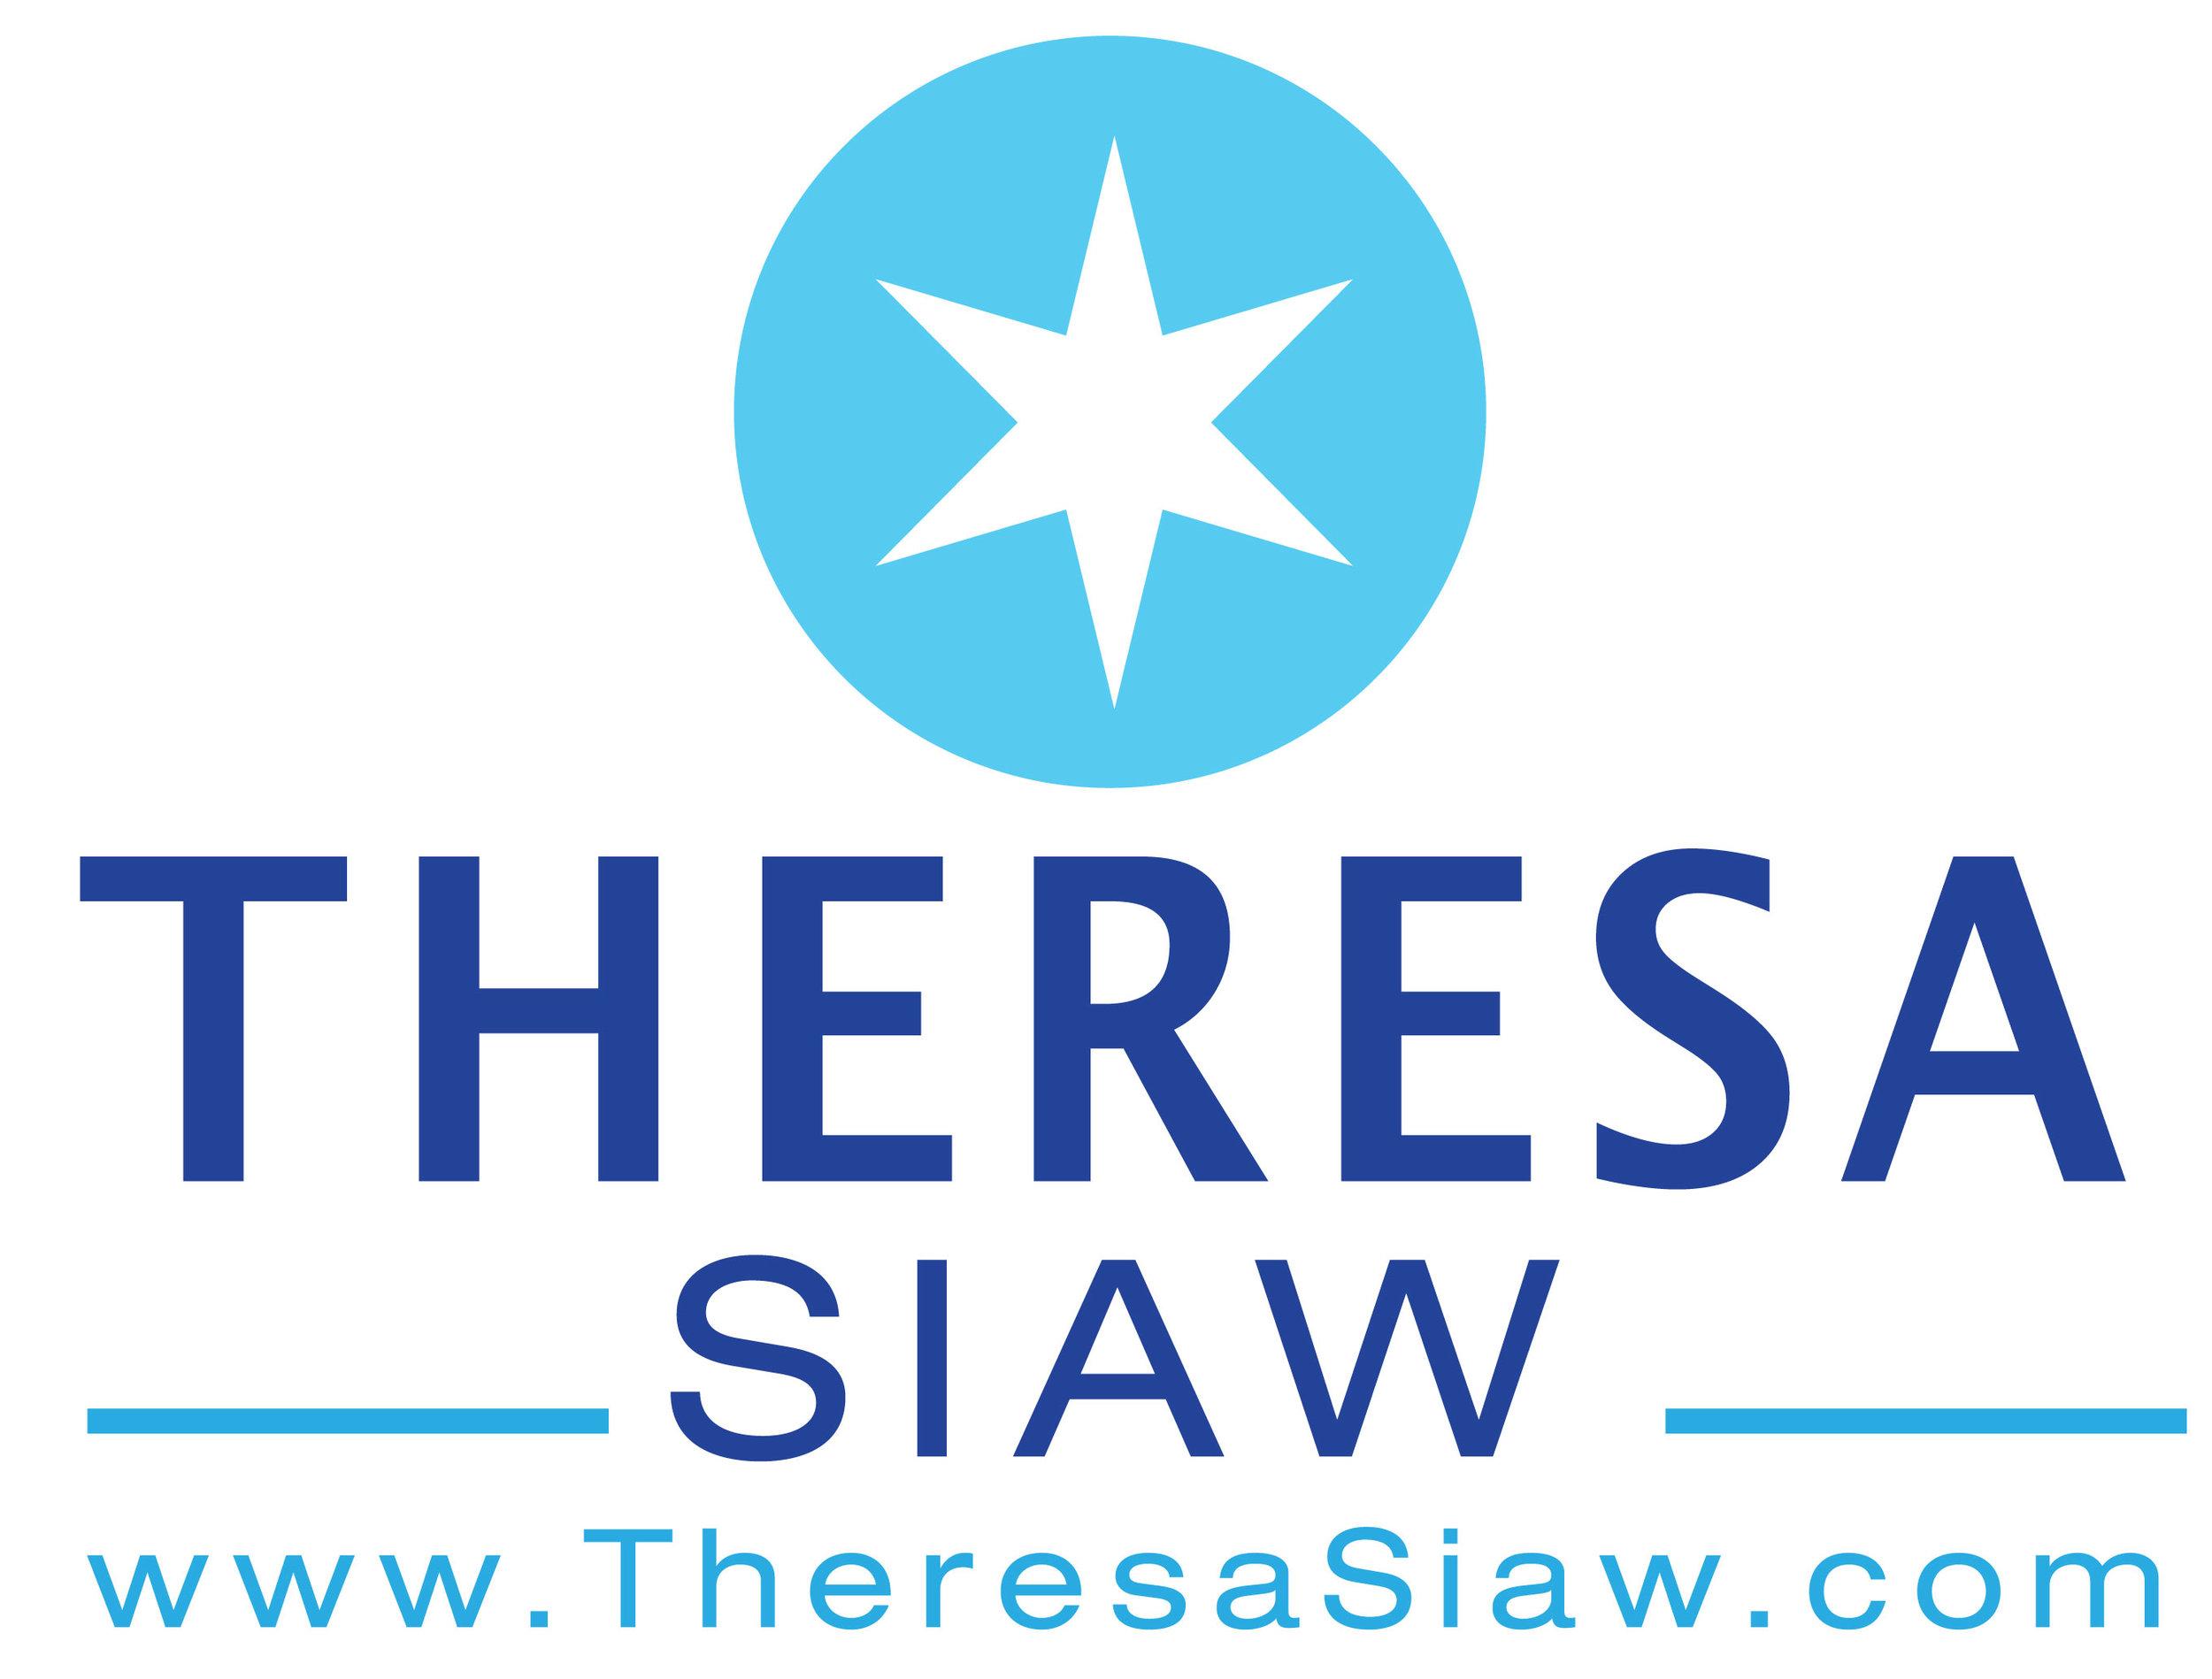 TS_logo_star.jpg